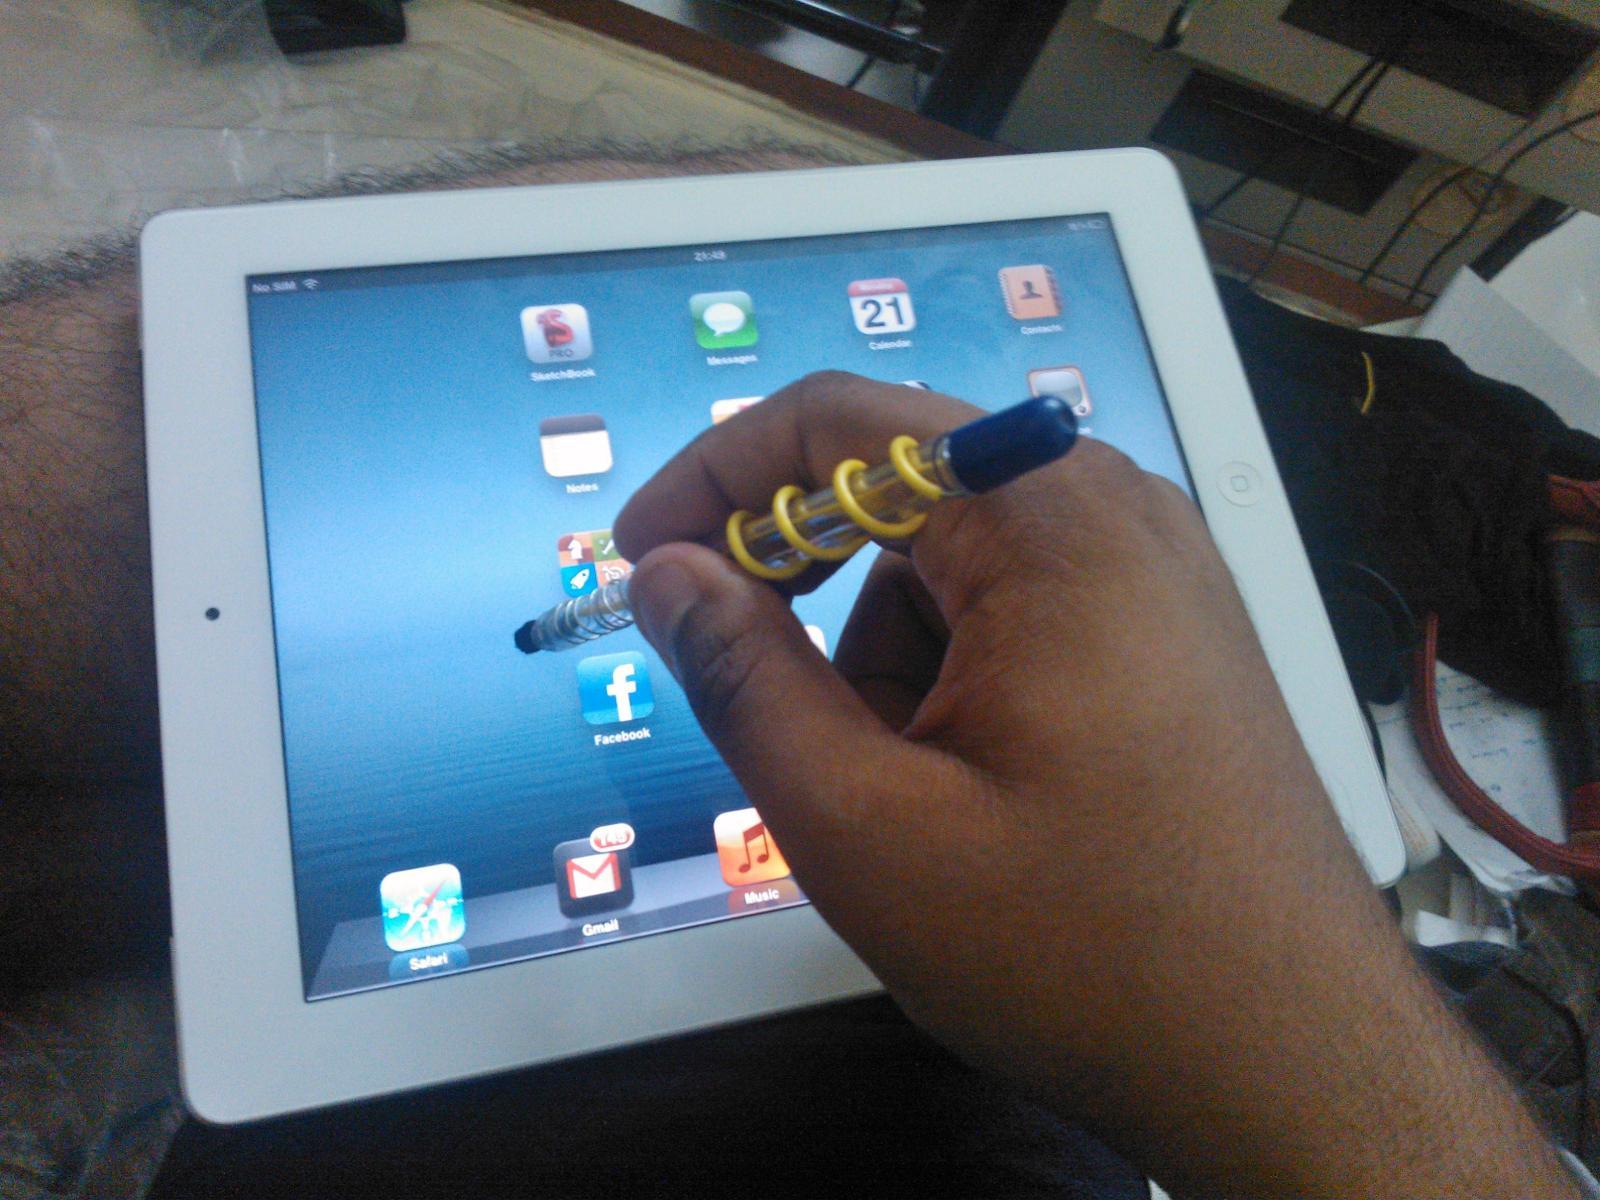 Works on the iPad too...